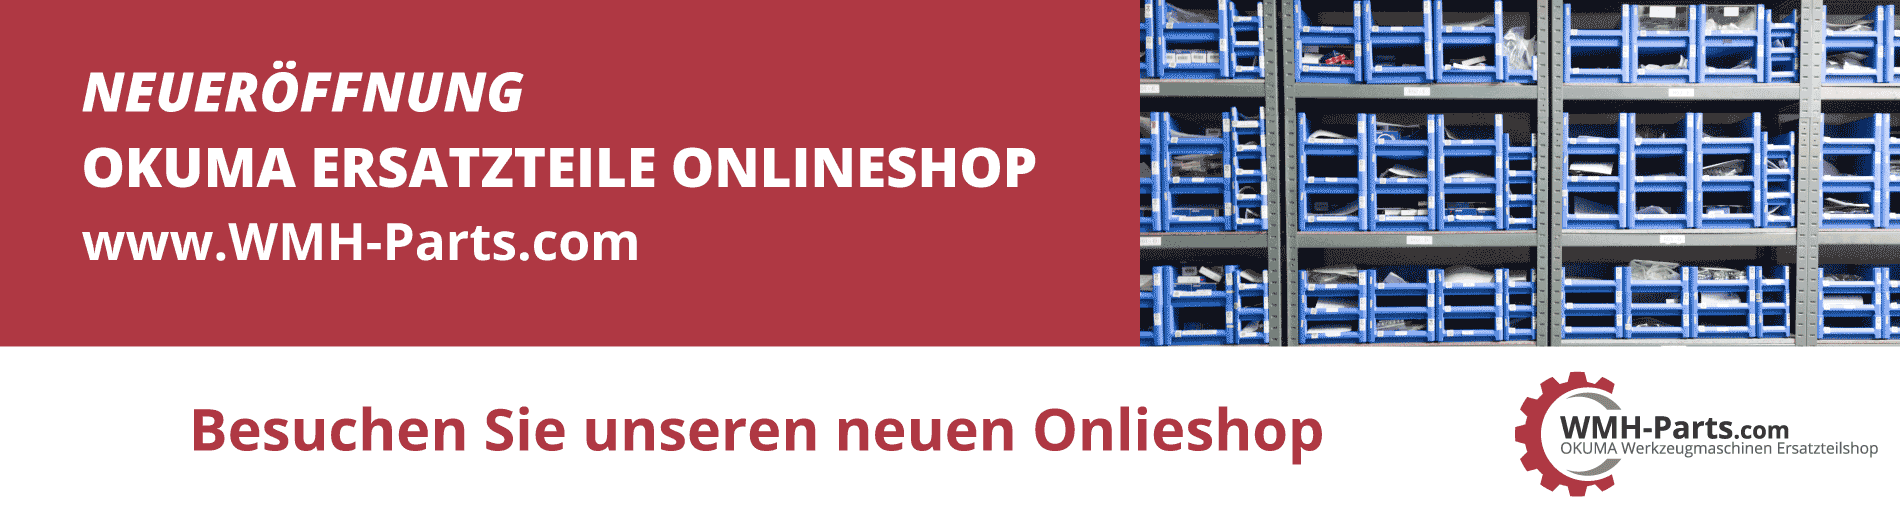 Onlineshop für OKUMA Ersatzteile